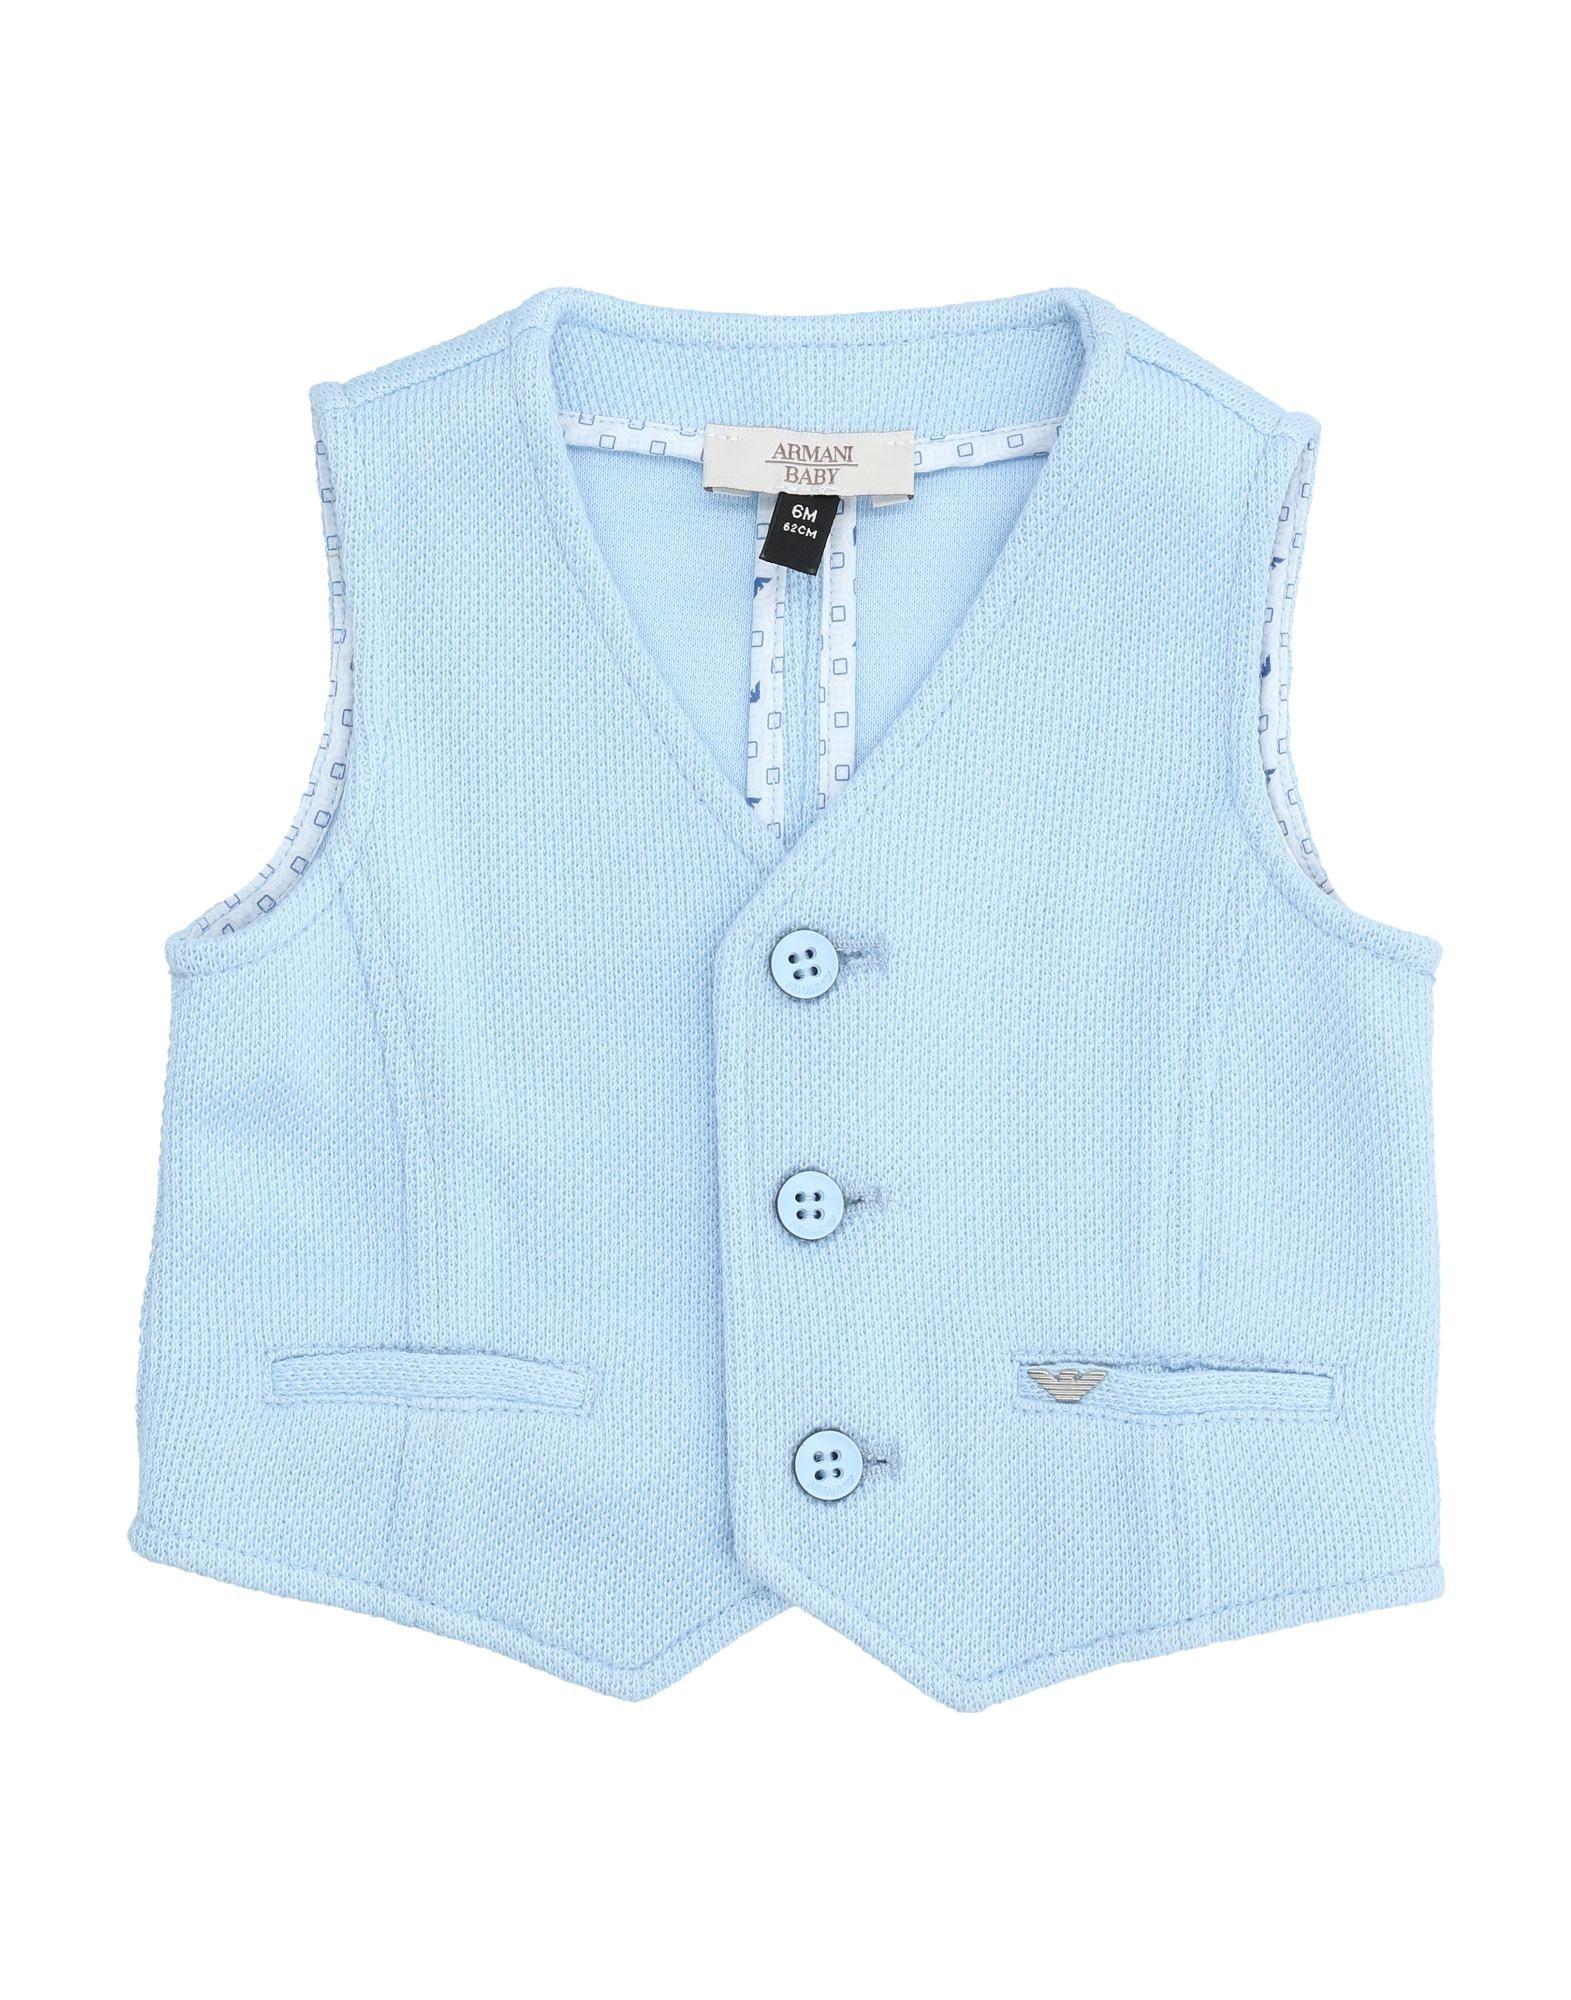 8dda258bec2 Γιλέκο Αγόρι Armani Junior 0-24 μηνών - Παιδικά ρούχα στο YOOX